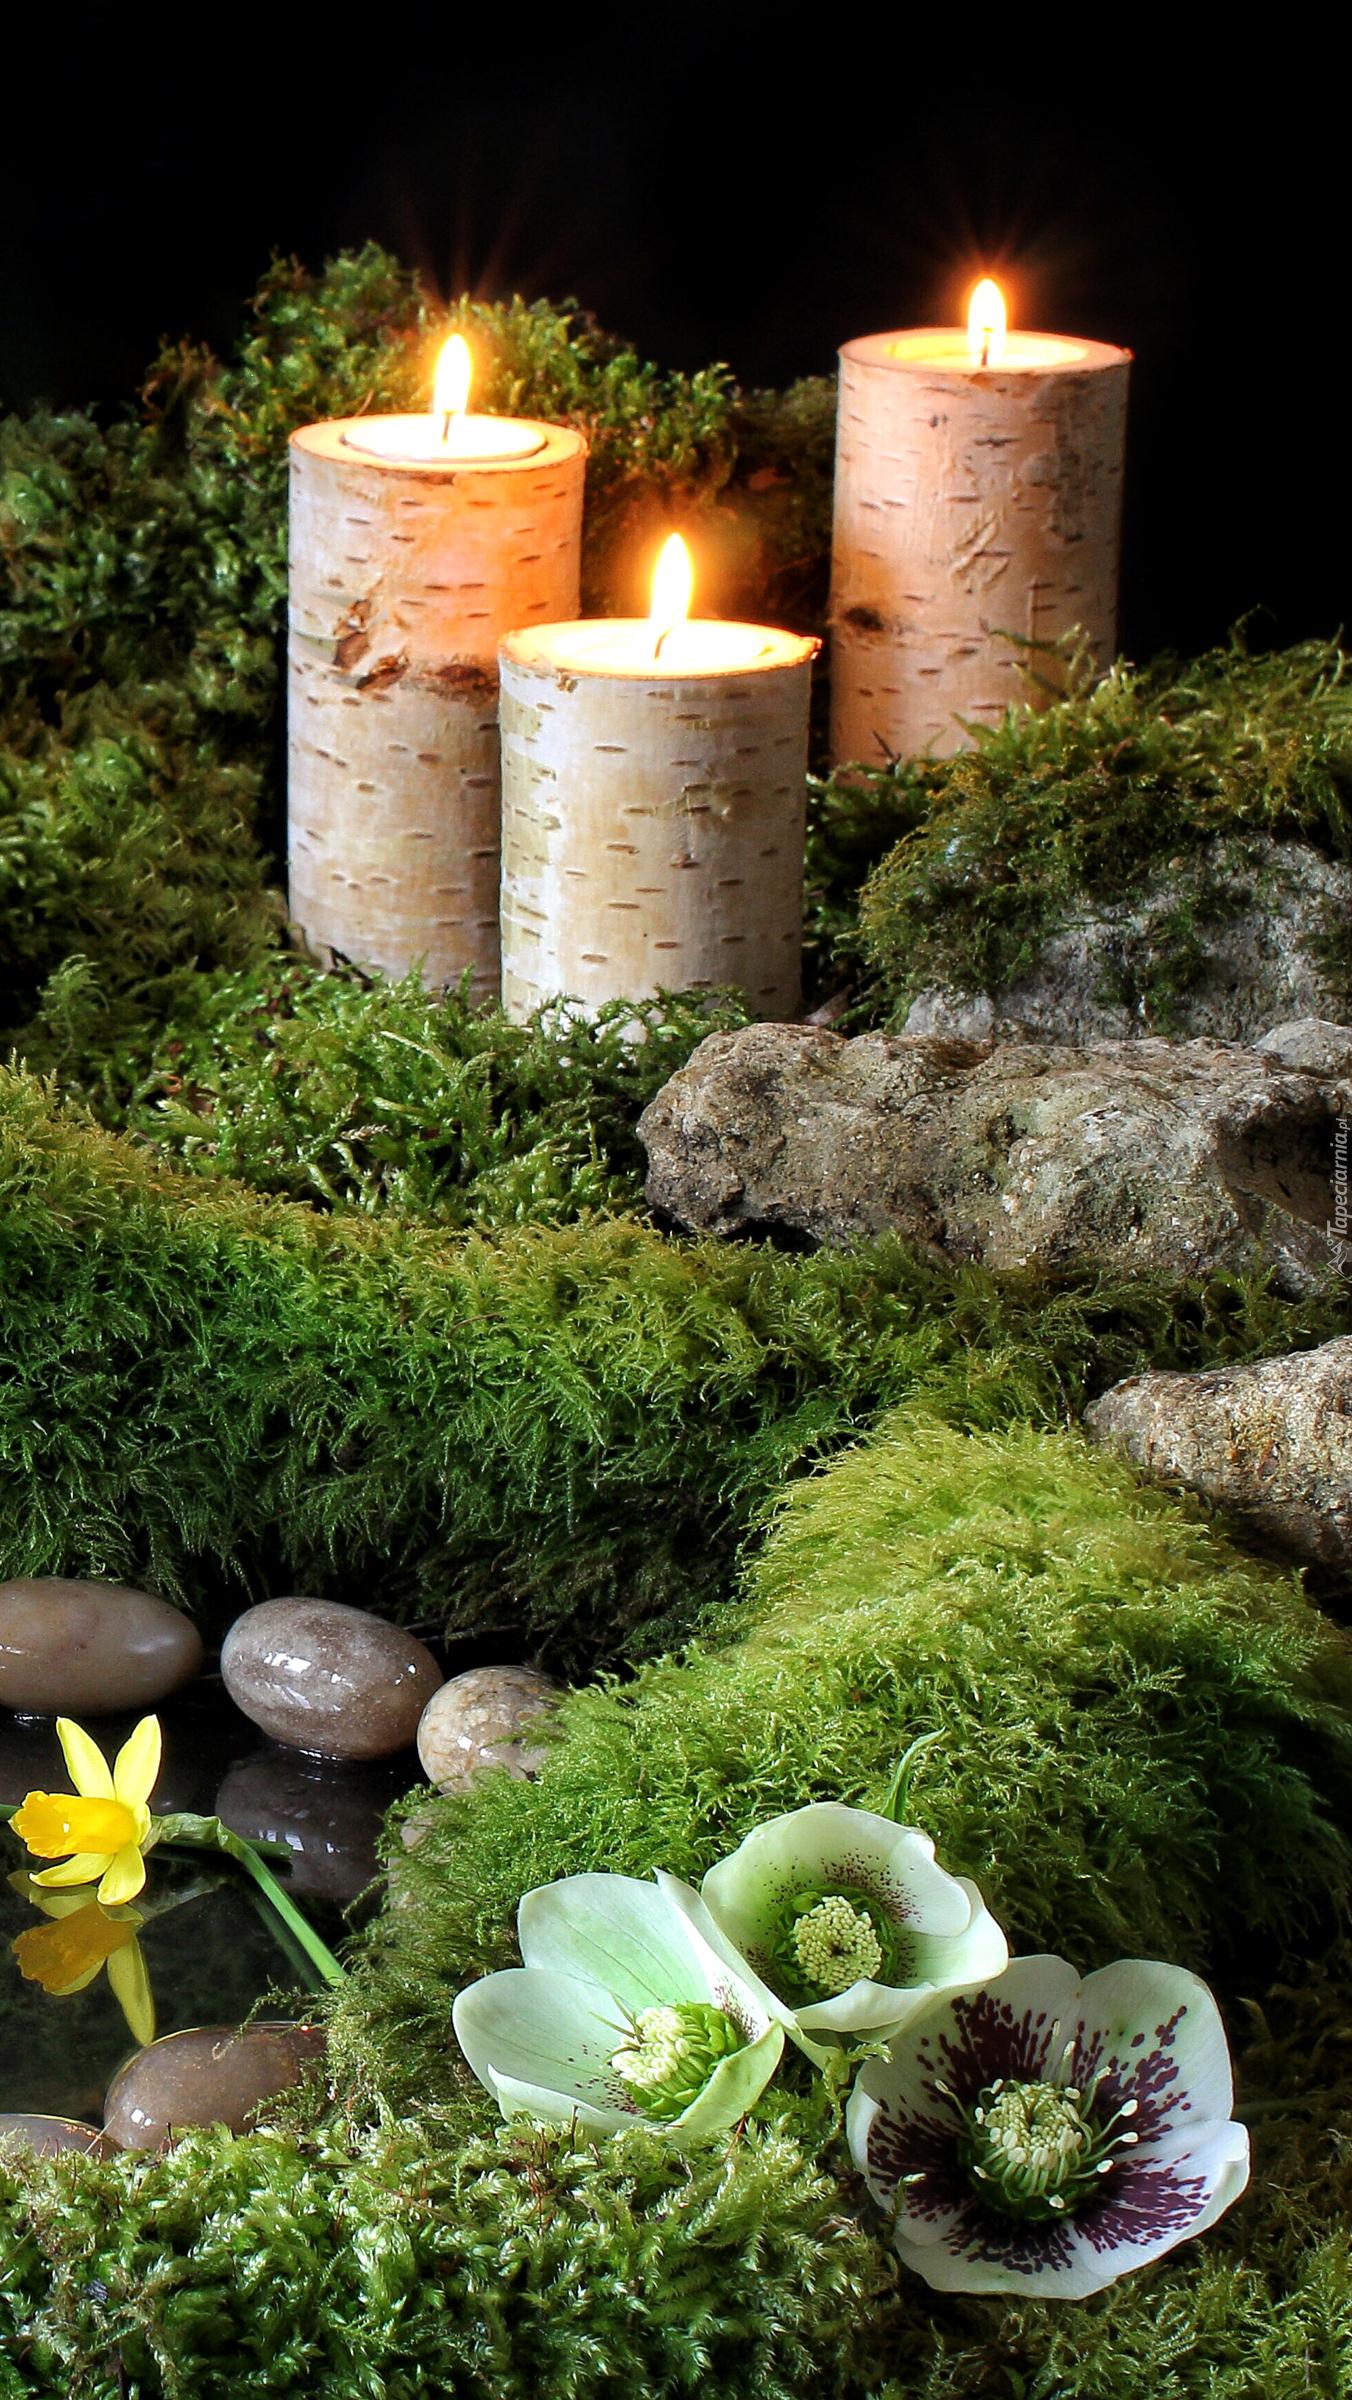 Palące się świece nad sadzawką